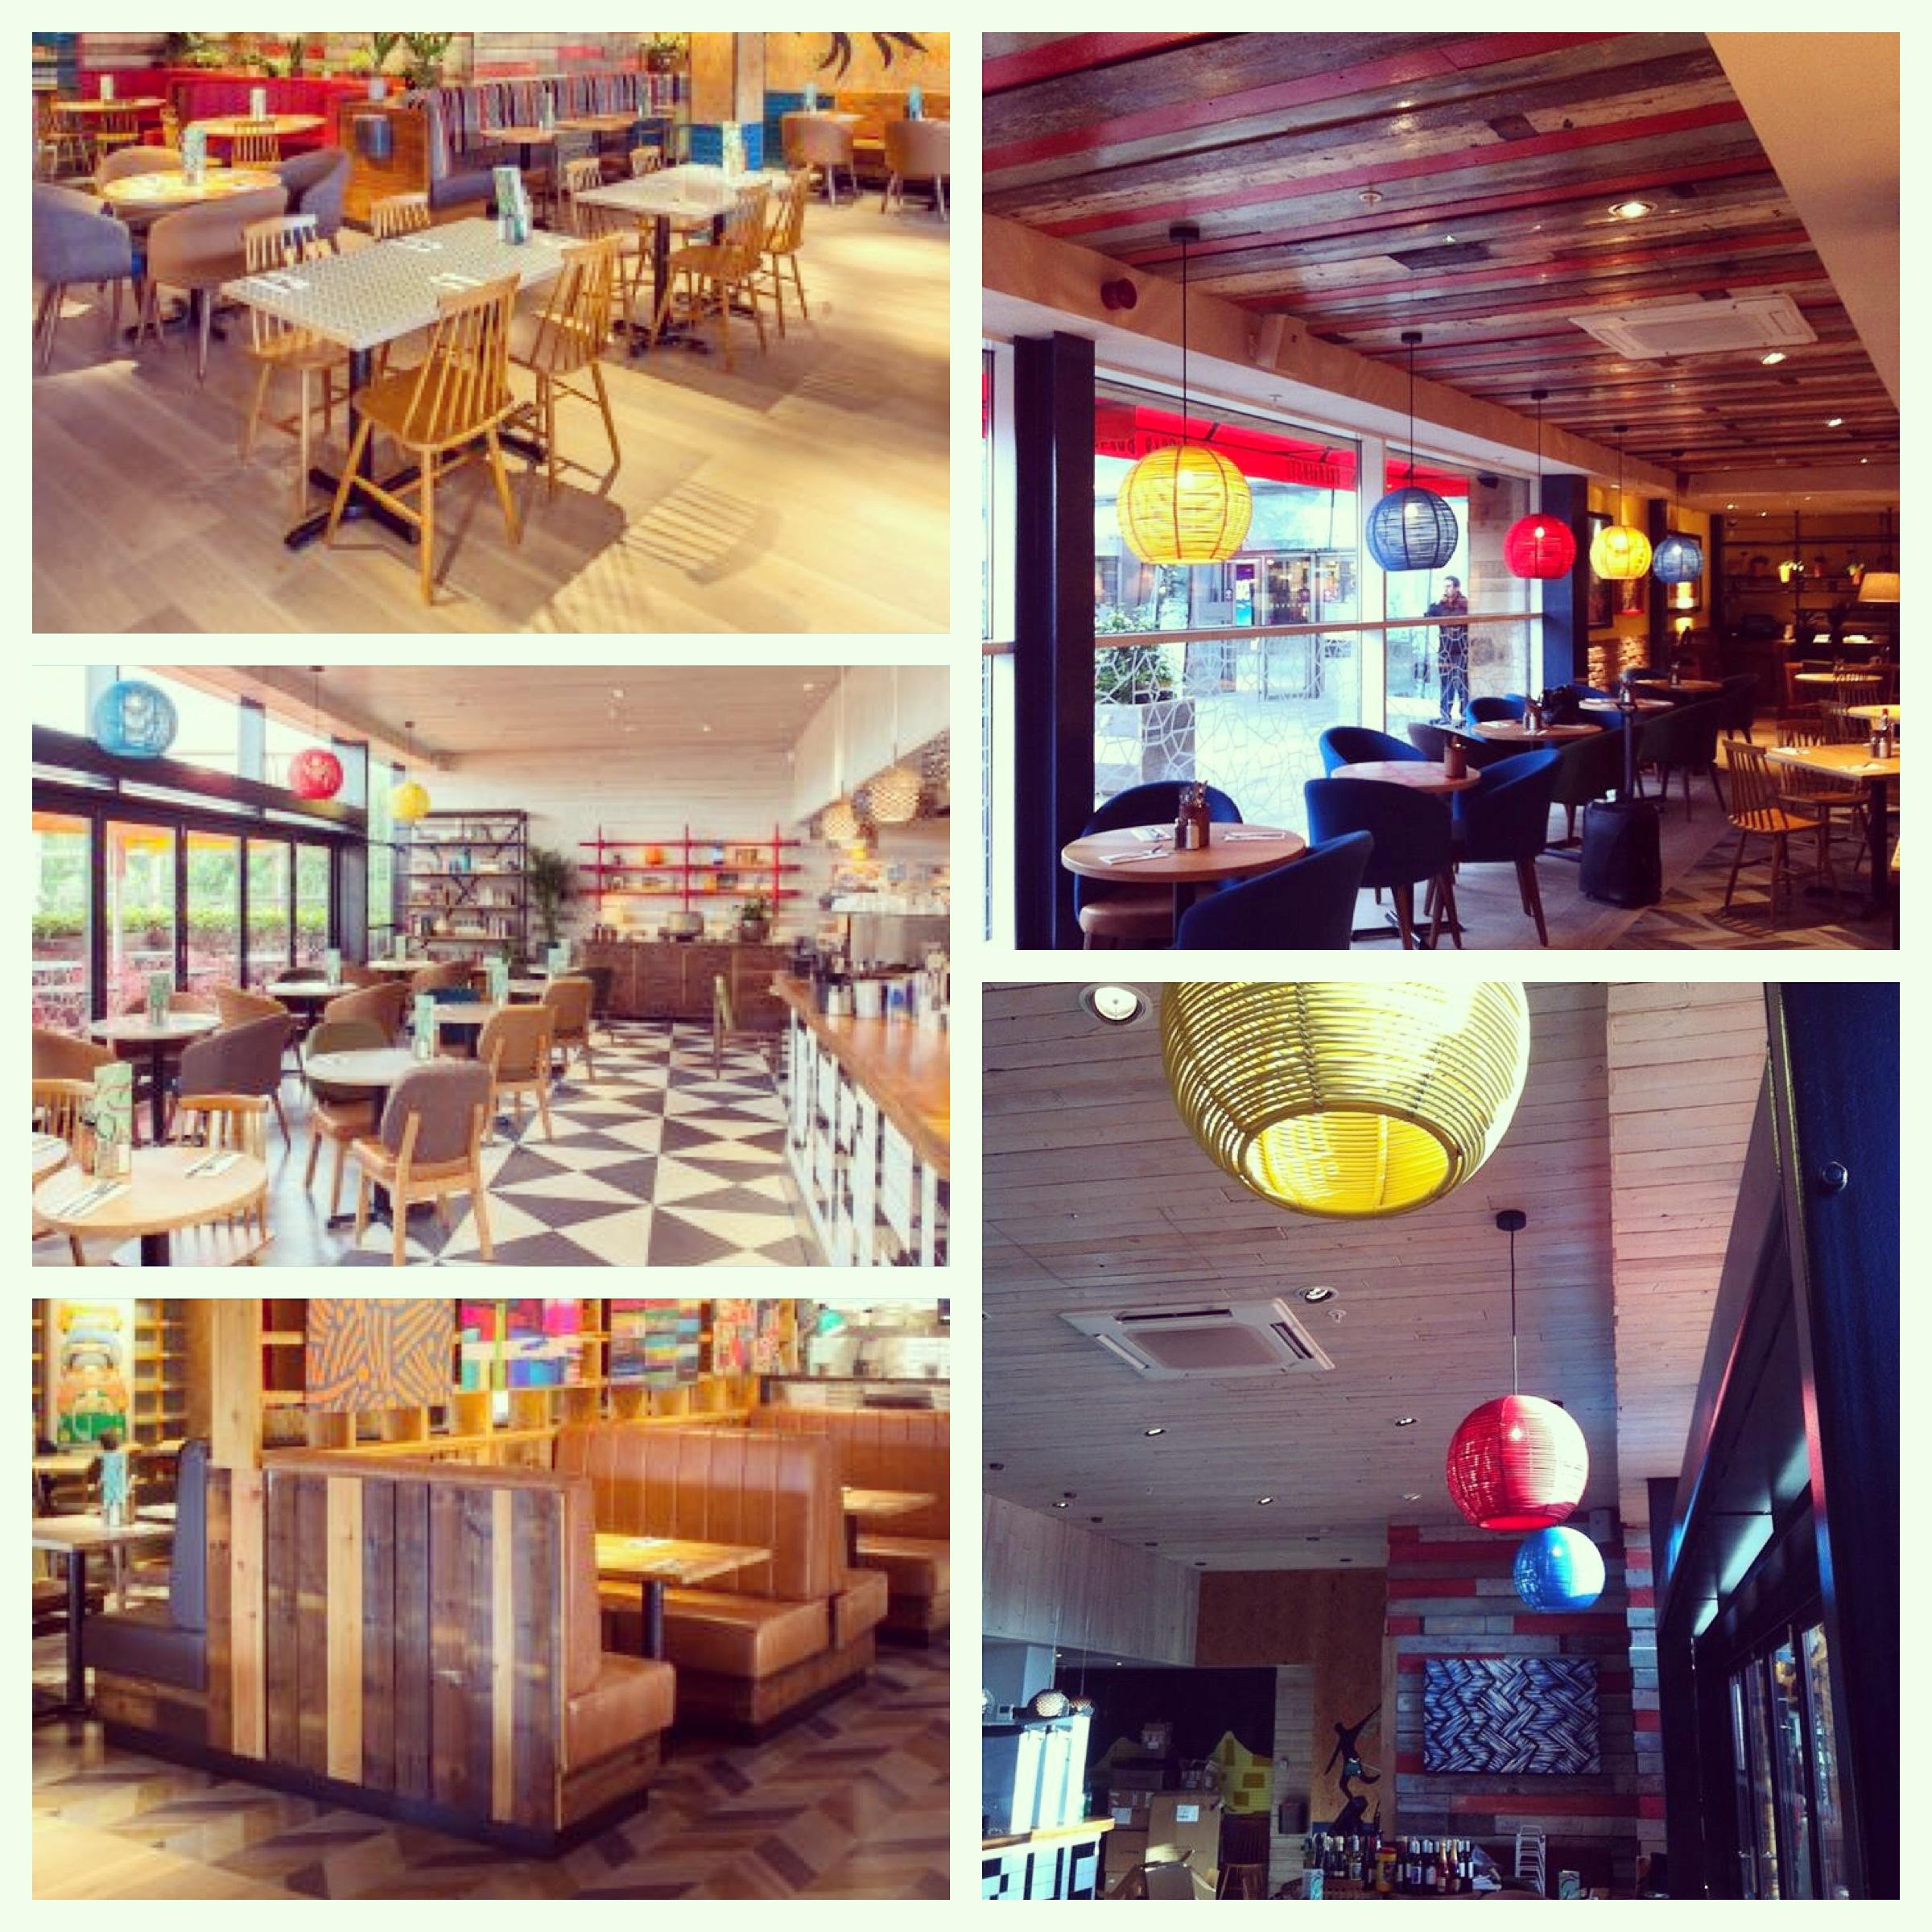 Giraffe Concept Restaurant S Restau At Glasgow Scotland Newcastle United Kingdom Uk